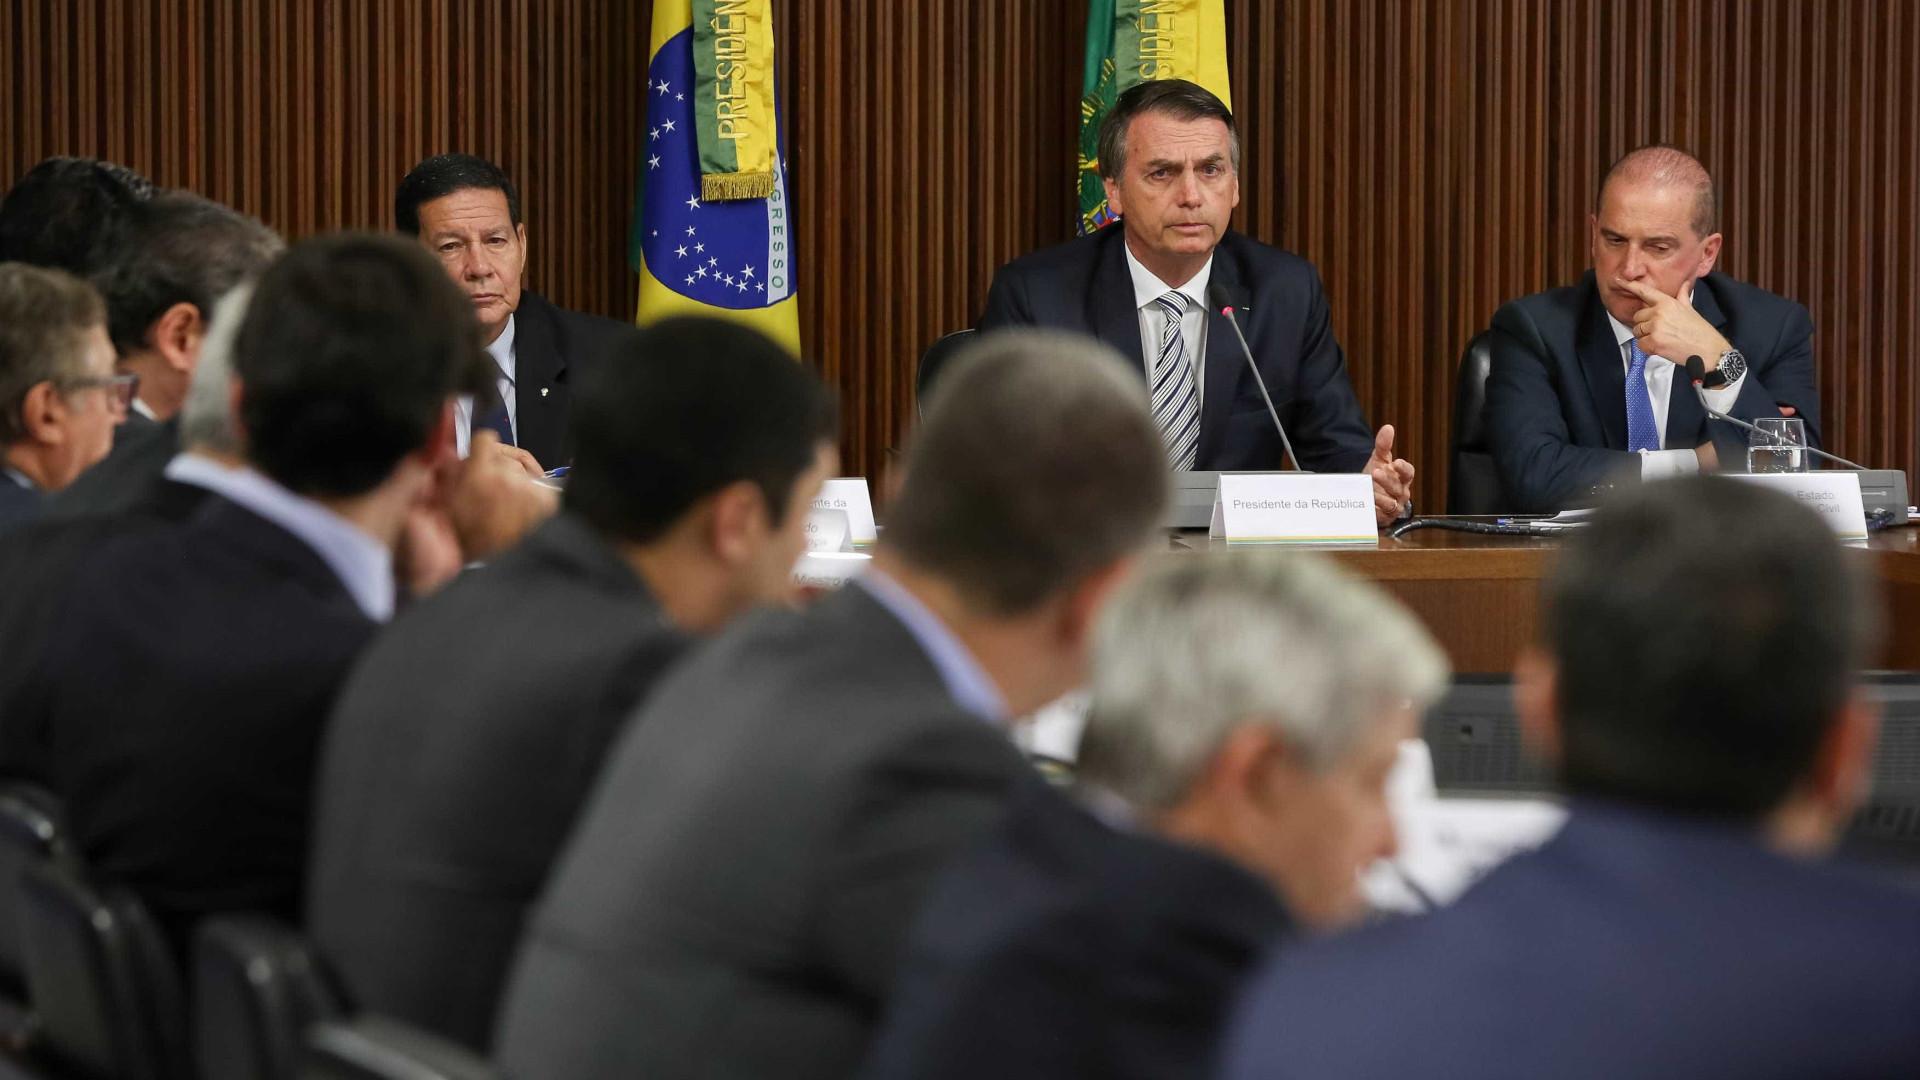 Petrobras: Bolsonaro quer ampliar presença no conselho de administração